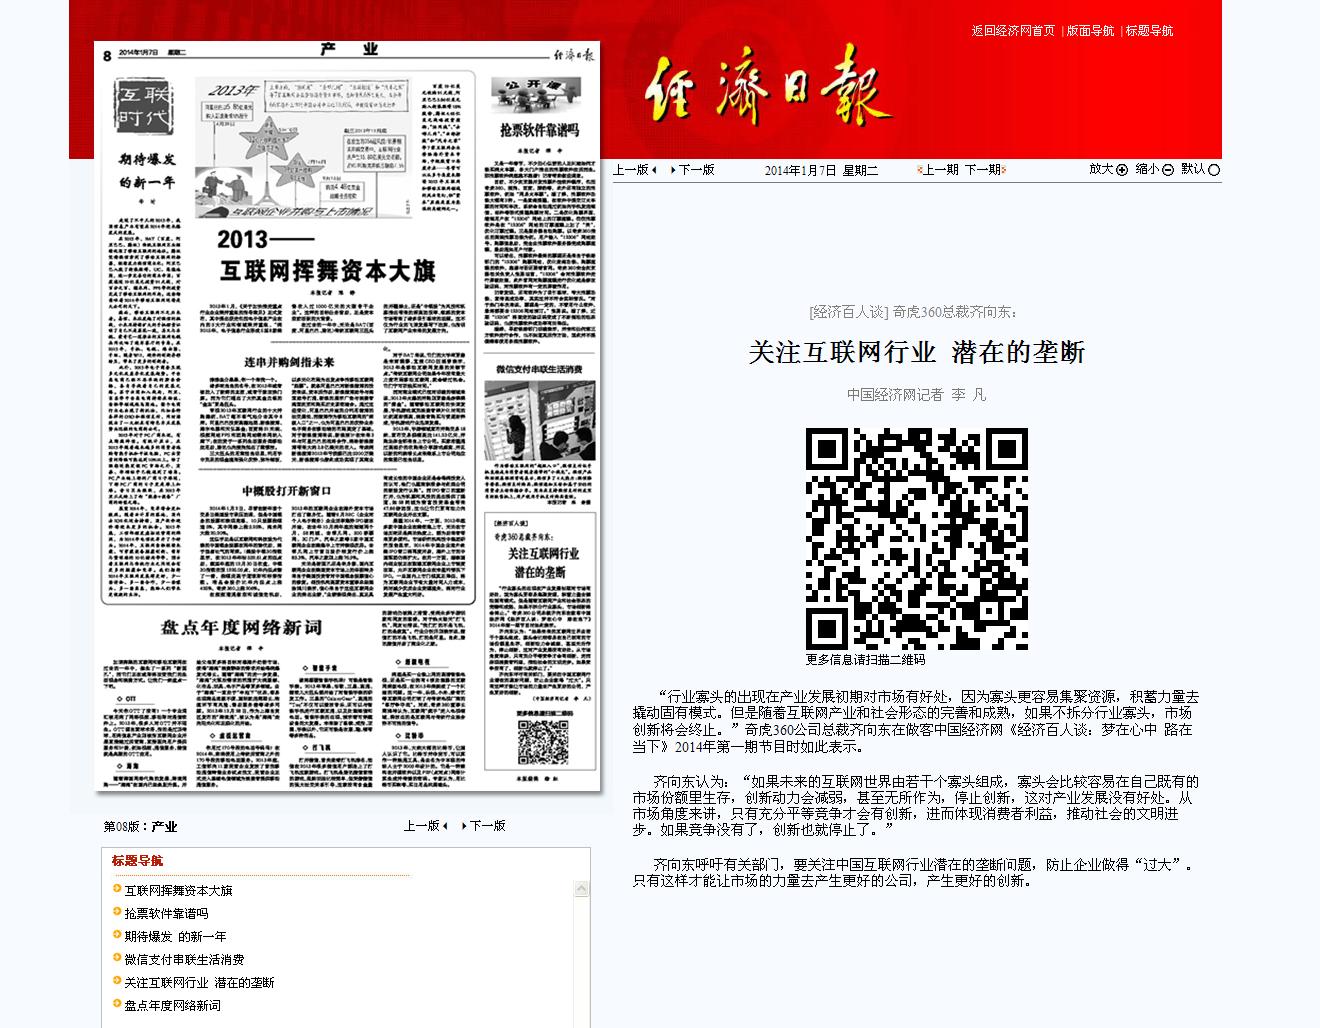 经济日报多媒体数字报刊-齐向东.jpg